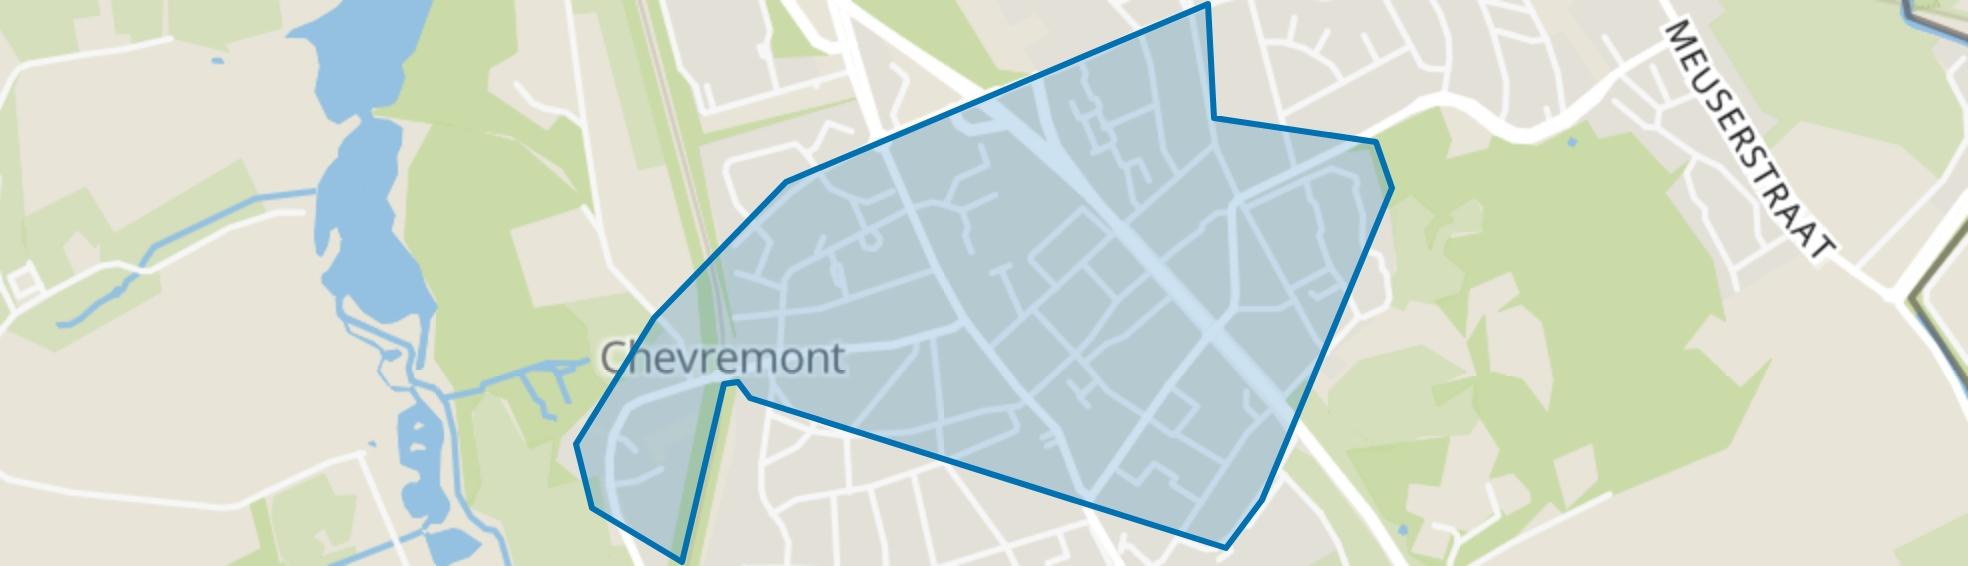 Chevremont, Kerkrade map